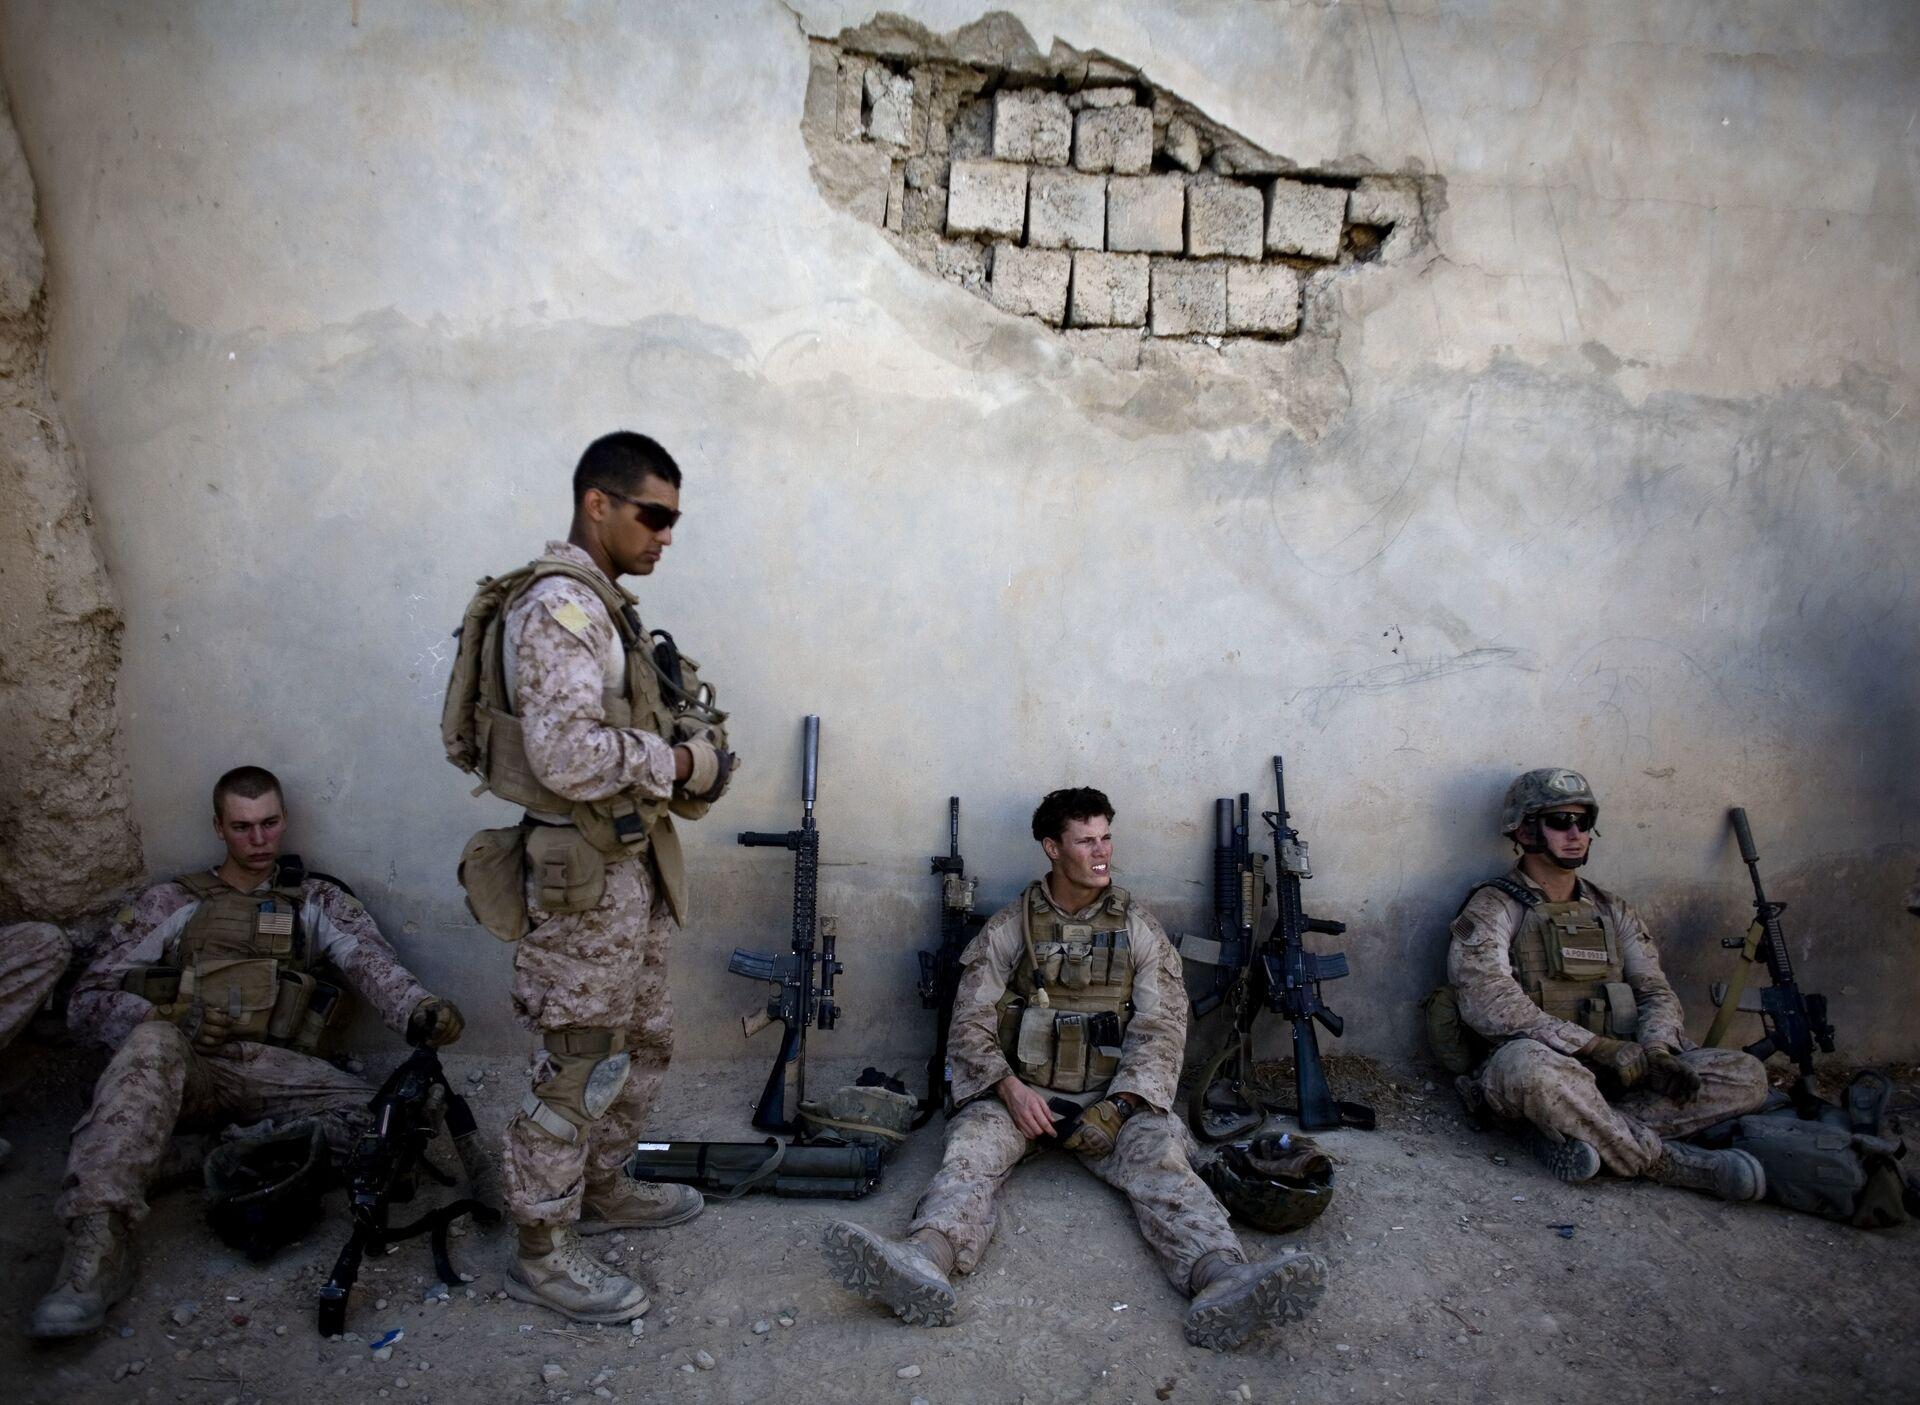 Морские пехотинцы США отдыхают во время патрулирования города Сангин в Афганистане. 3 ноября 2011  - ПРОФИ Новости, 1920, 18.09.2020